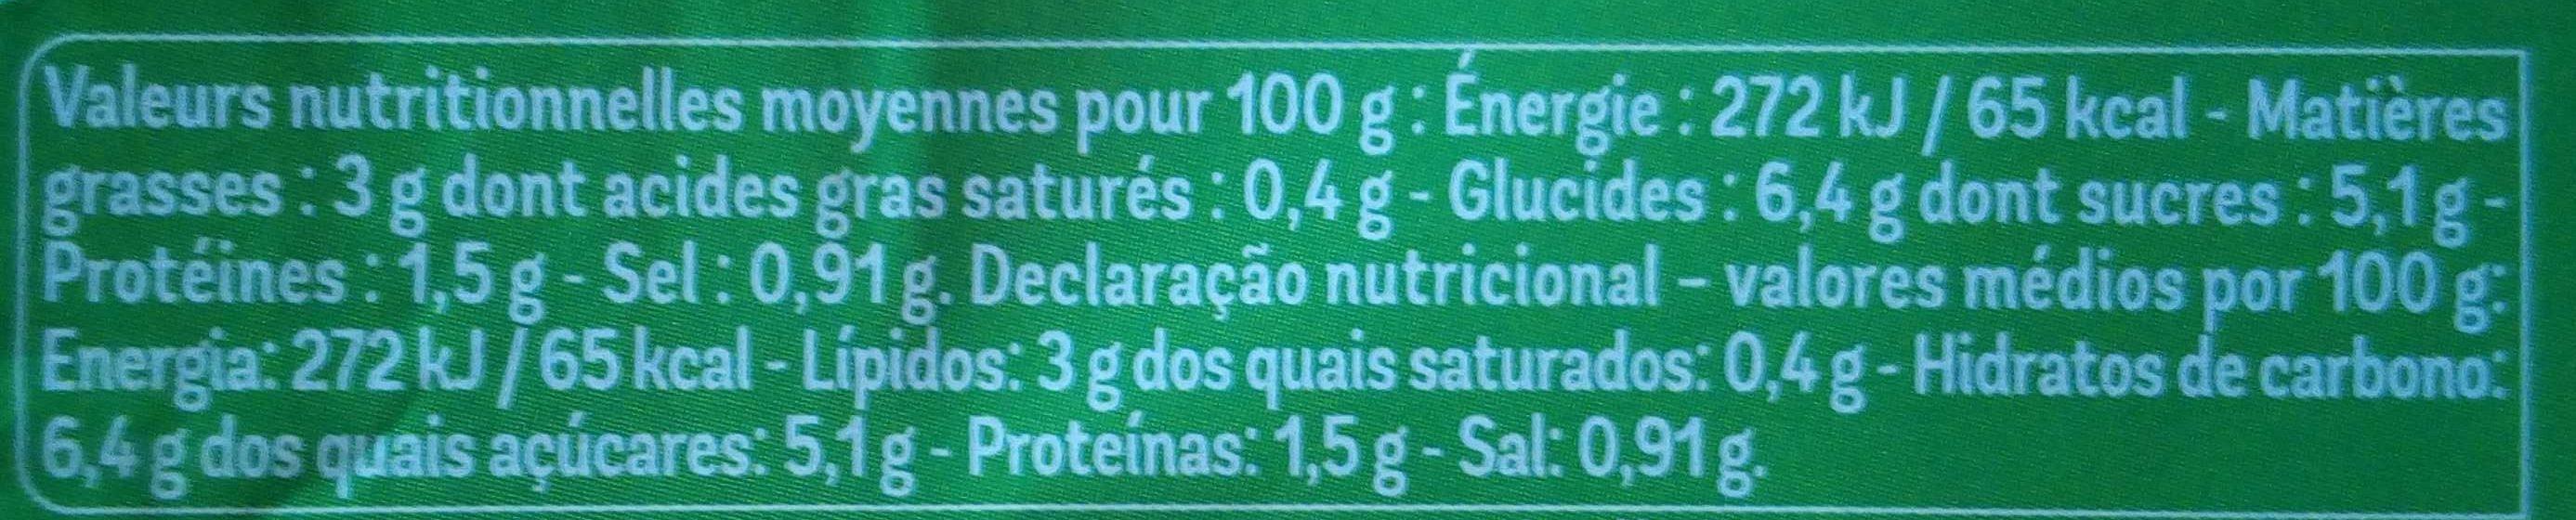 Arrabiata - Informations nutritionnelles - fr